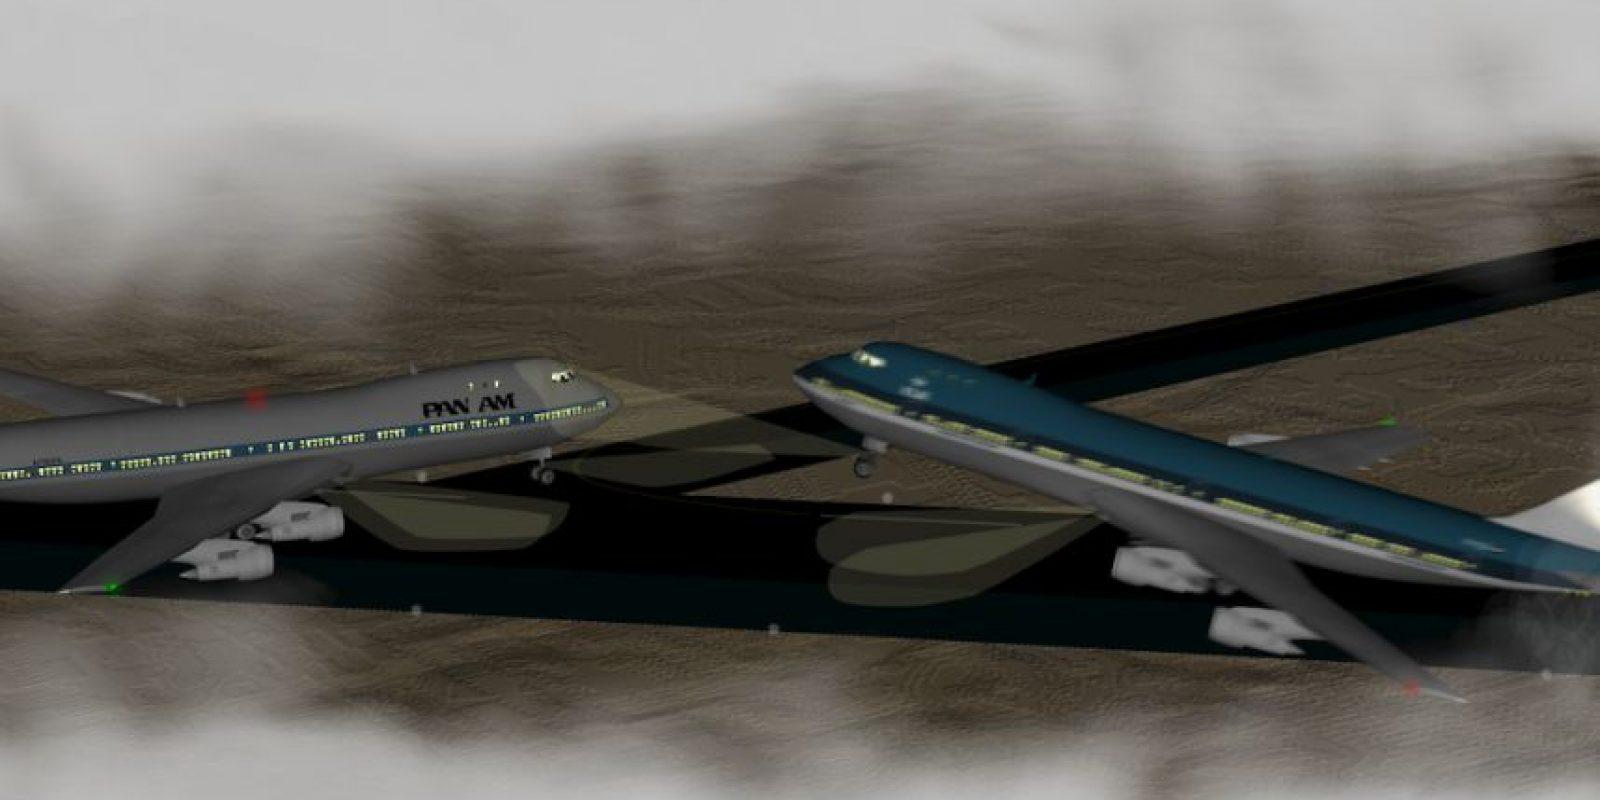 Una explosión cerca del aereopuerto de Gran Canaria obligó a que los vuelos se desviaran al aereopuerto Los Rodeos (hoy Aeropuerto Norte de Tenerife). La falta de radares, fallas en la comunicación y el tamaño insuficiente del aeropuerto provocaron que dos aviones Boeing 747 chocaran causando el accidente más mortal en la historia: 248 pasajeros de KLM y 335 de Pan Am perdieron la vida. 583 personas murieron en total Foto:Wikipedia